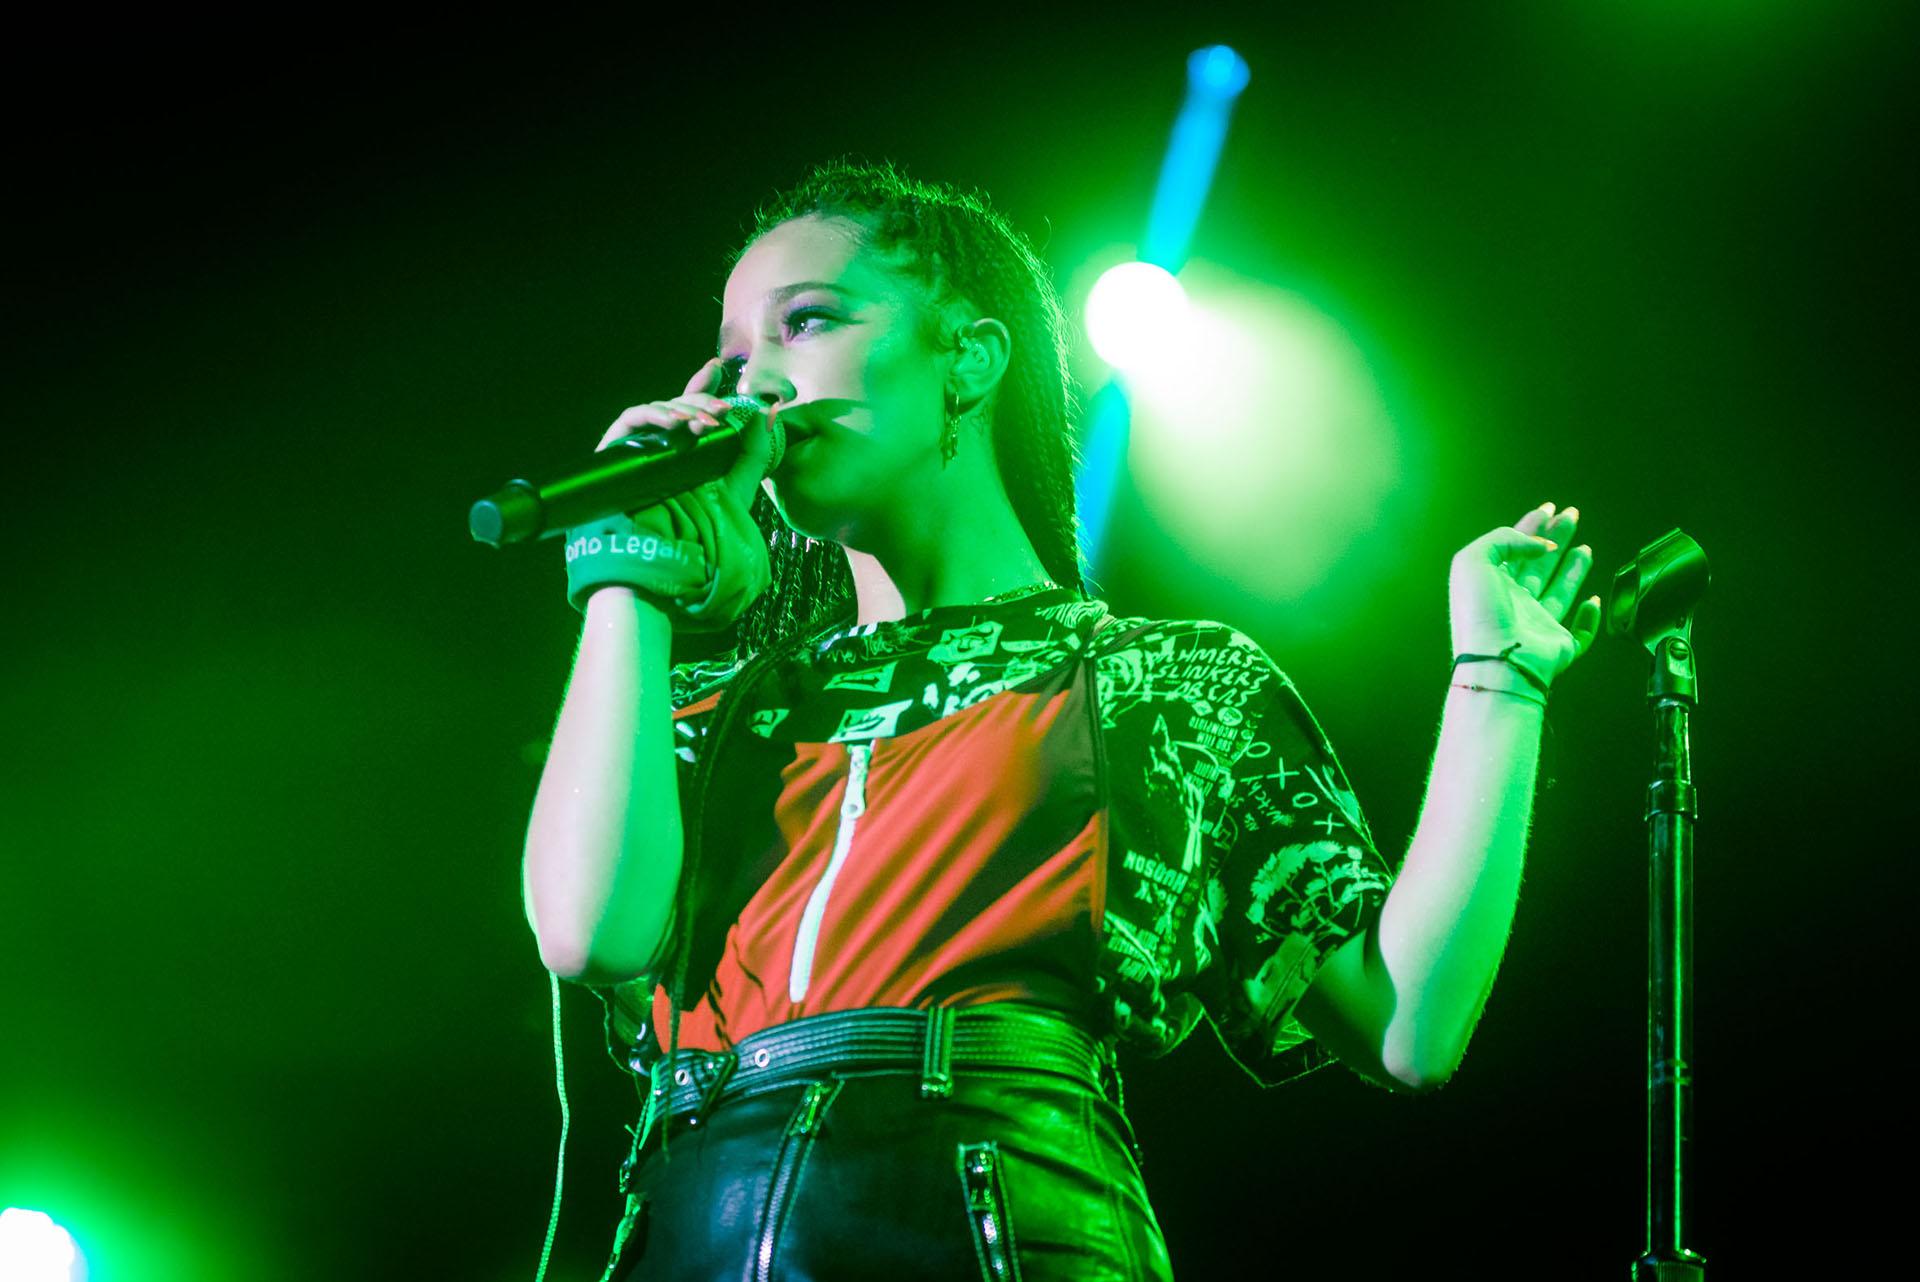 Ángela Torres es la cantante juvenil del momento. Tuvo la oportunidad de dar un espectacular concierto en Parque Camet